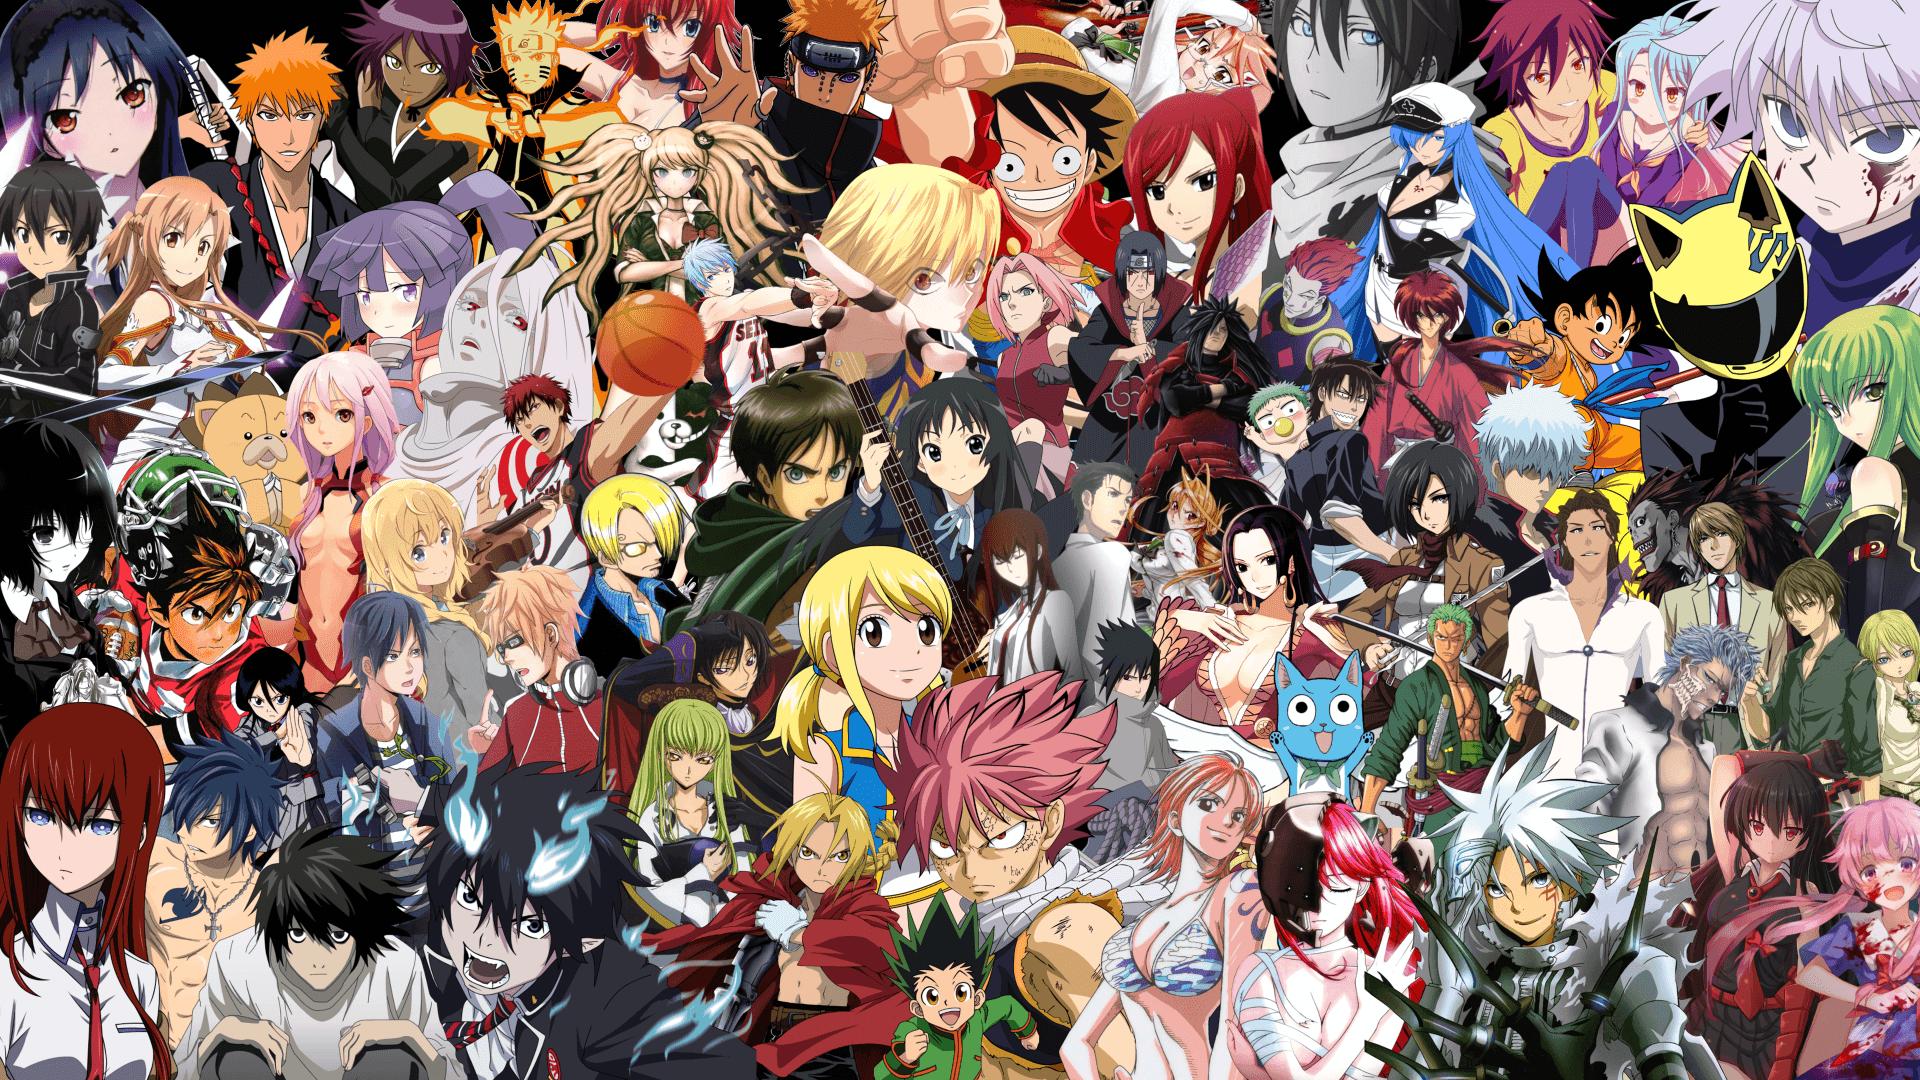 Image Result For Manga Female Wallpapera